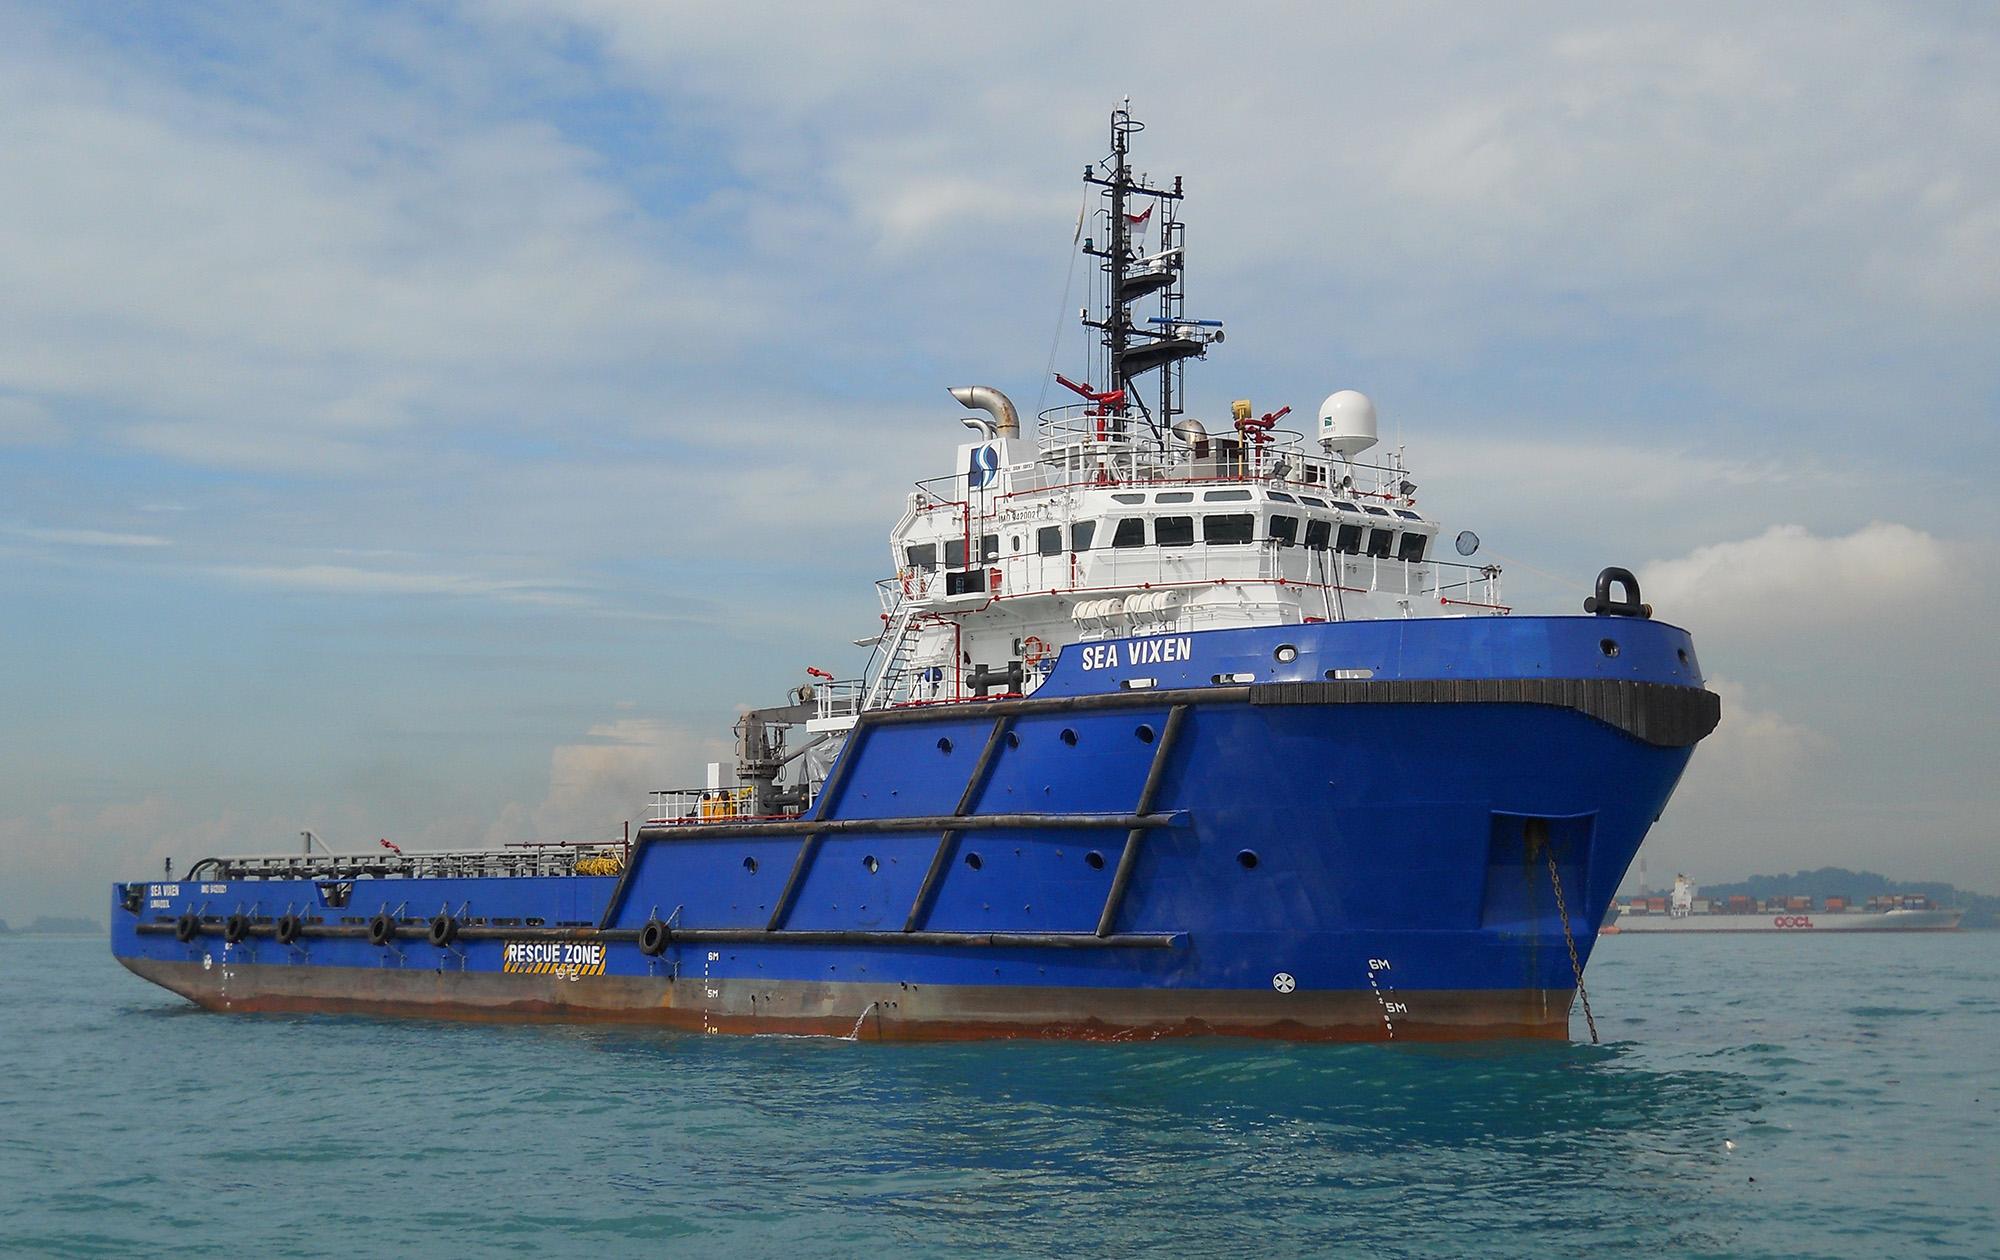 Resultado de imagem para Anchor Handling Tug Supply (AHTS) marinha brasil